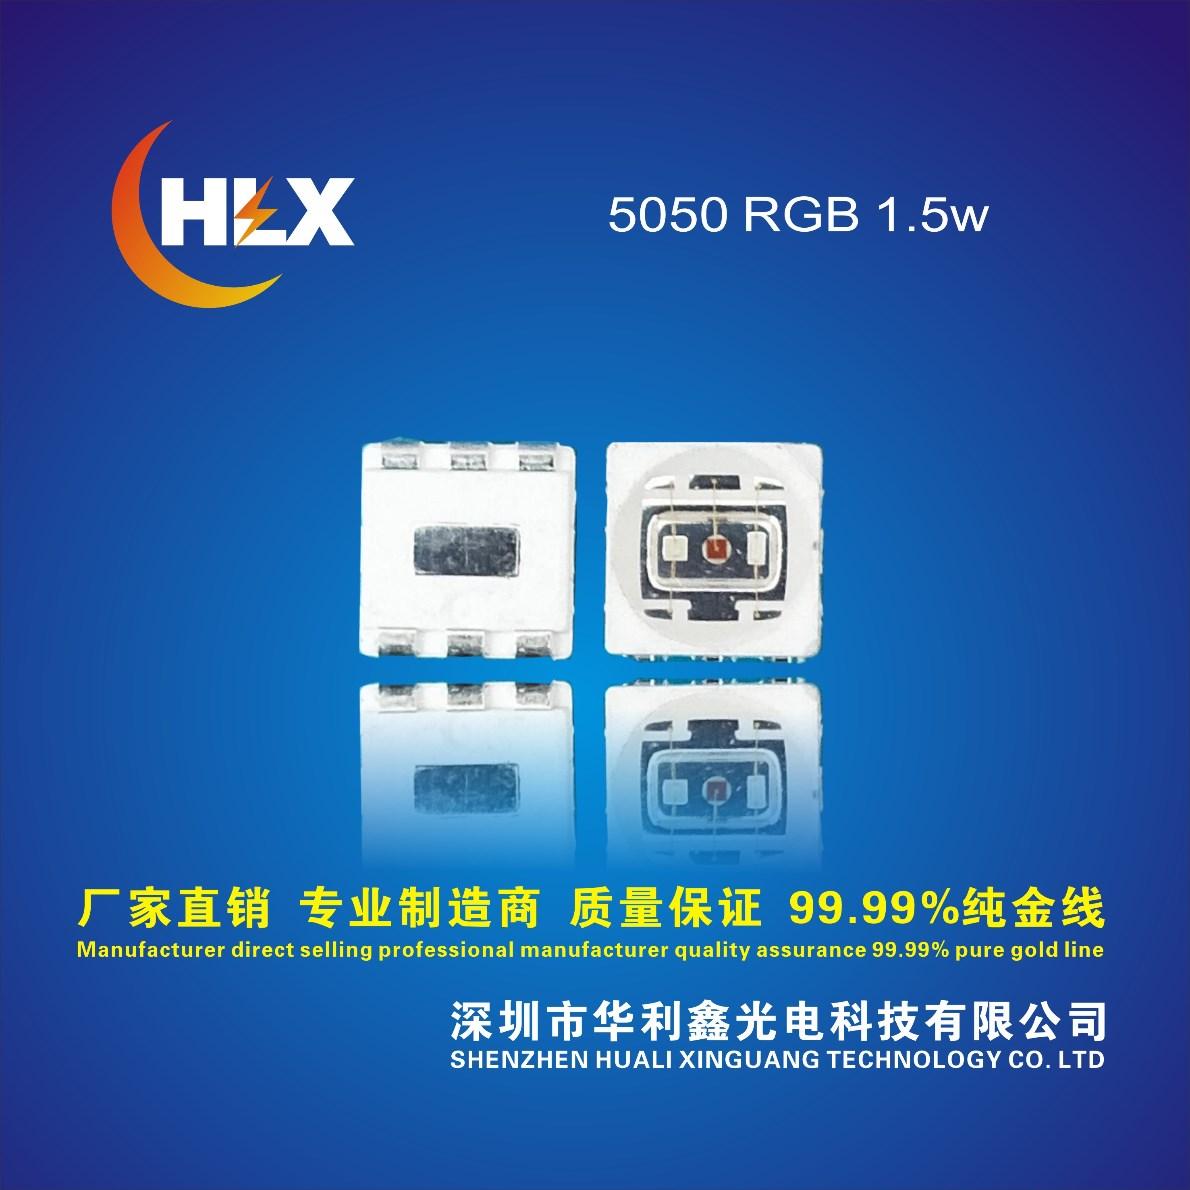 1.5W 5050RGB单颗芯片0.5W 整合1.5W 高亮RGB灯珠